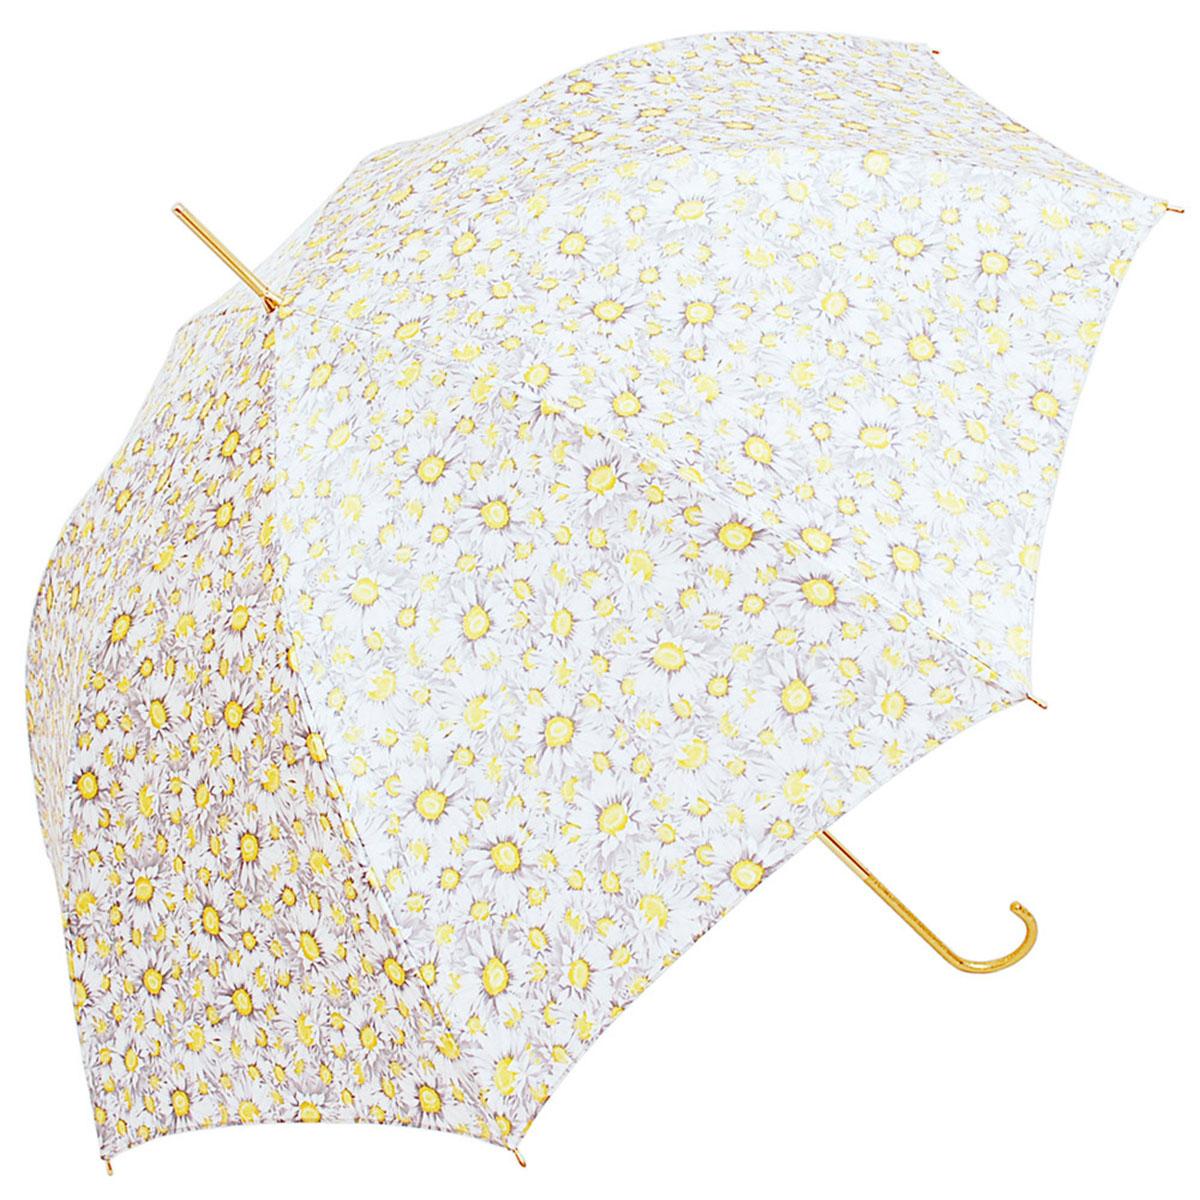 Зонт-трость женский Stilla, цвет: белый, желтый. 651 auto651 autoЗонт-трость Stilla надежно защитит вас от дождя. Купол, оформленный оригинальным принтом, выполнен из высококачественного ПВХ, который не пропускает воду. Каркас зонта и спицы выполнены из высококарбонистой стали. Зонт имеет автоматический тип сложения: открывается и закрывается при нажатии на кнопку. Удобная ручка выполнена из пластика.